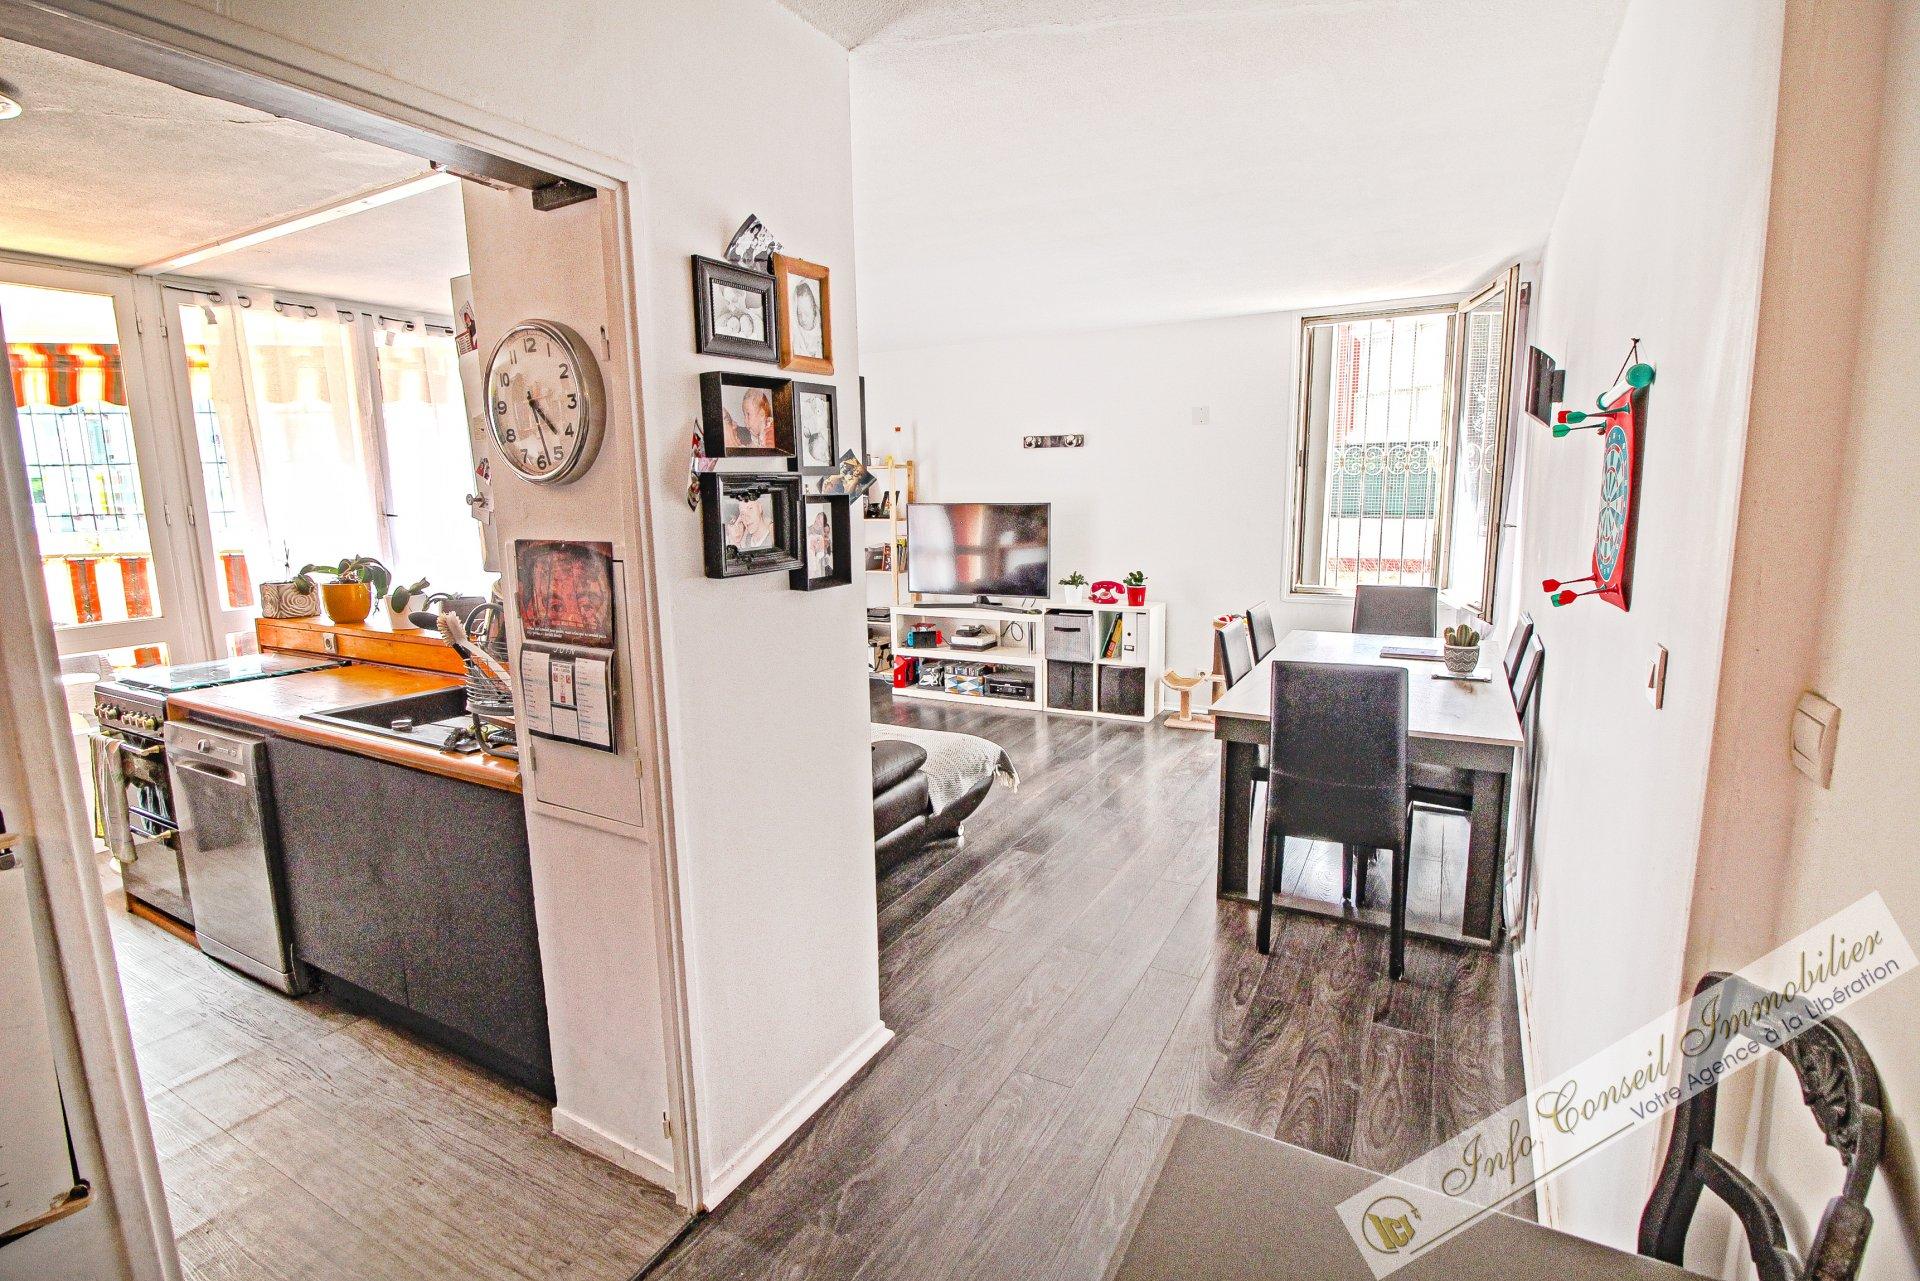 OUEST - SAINTE MARGUERITE - 3P 67m² - Terrasse - 2 Parkings ! - 220.000 €